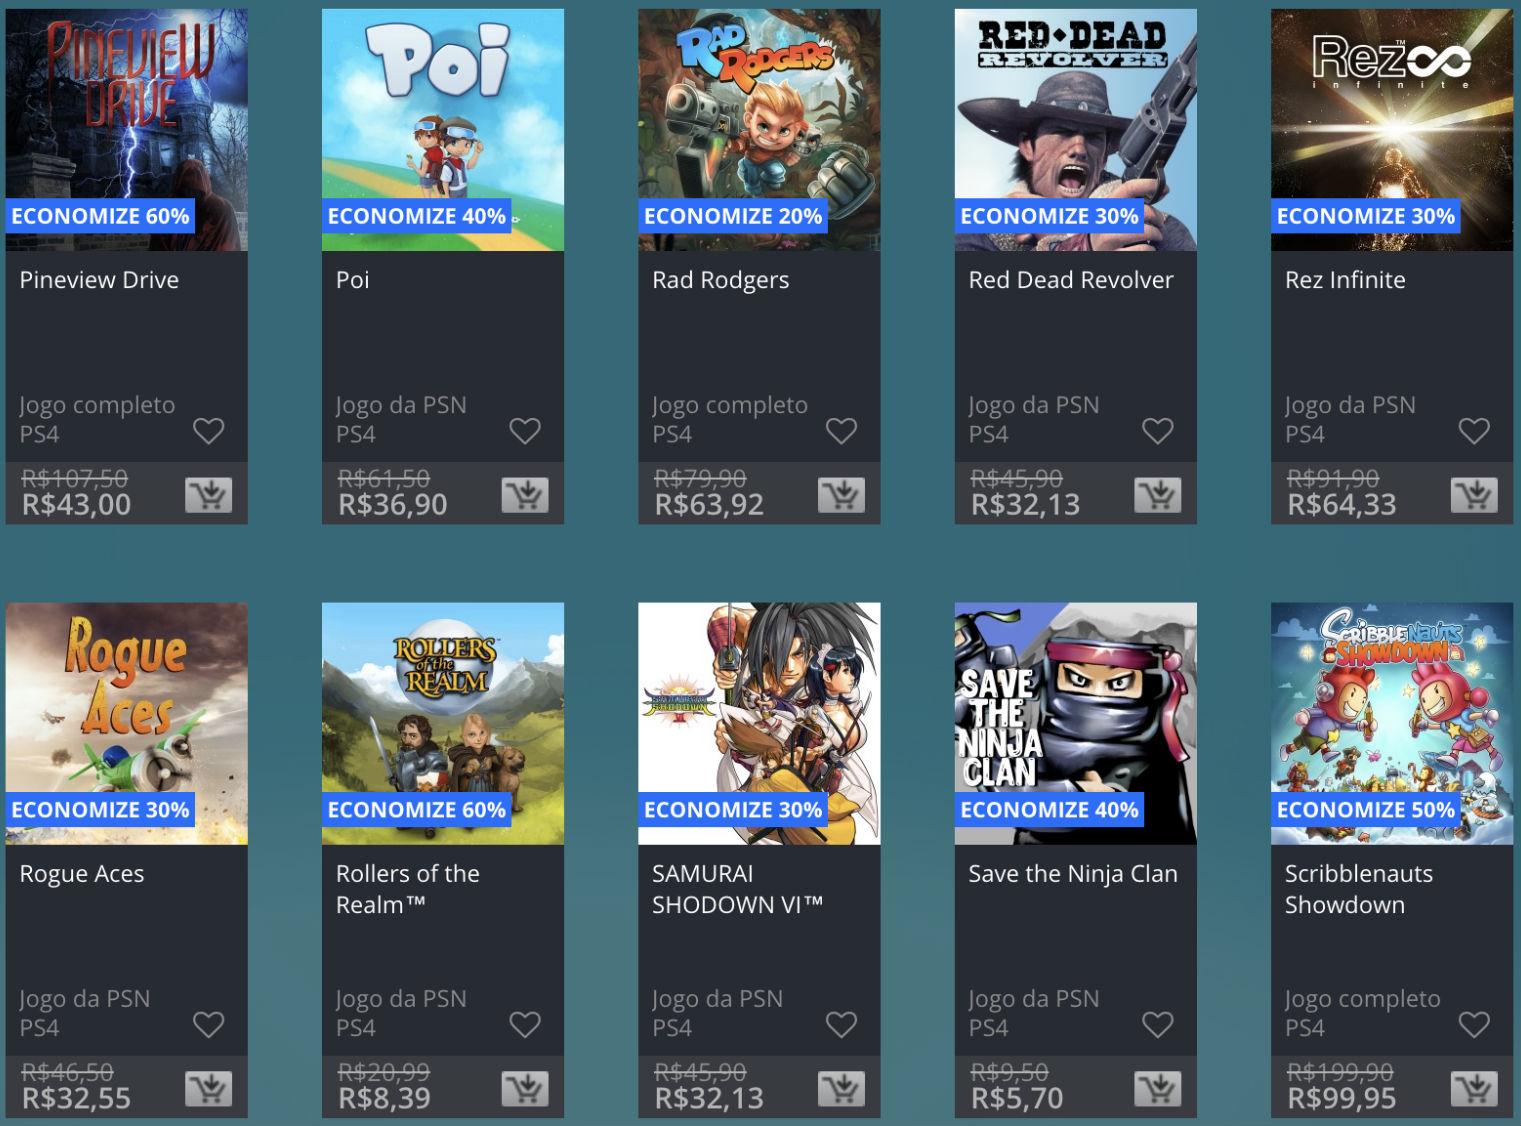 Promoção de Meio do Ano na PS Store com mais de 600 itens com preços que variam de R$ 10 a R$ 200 19